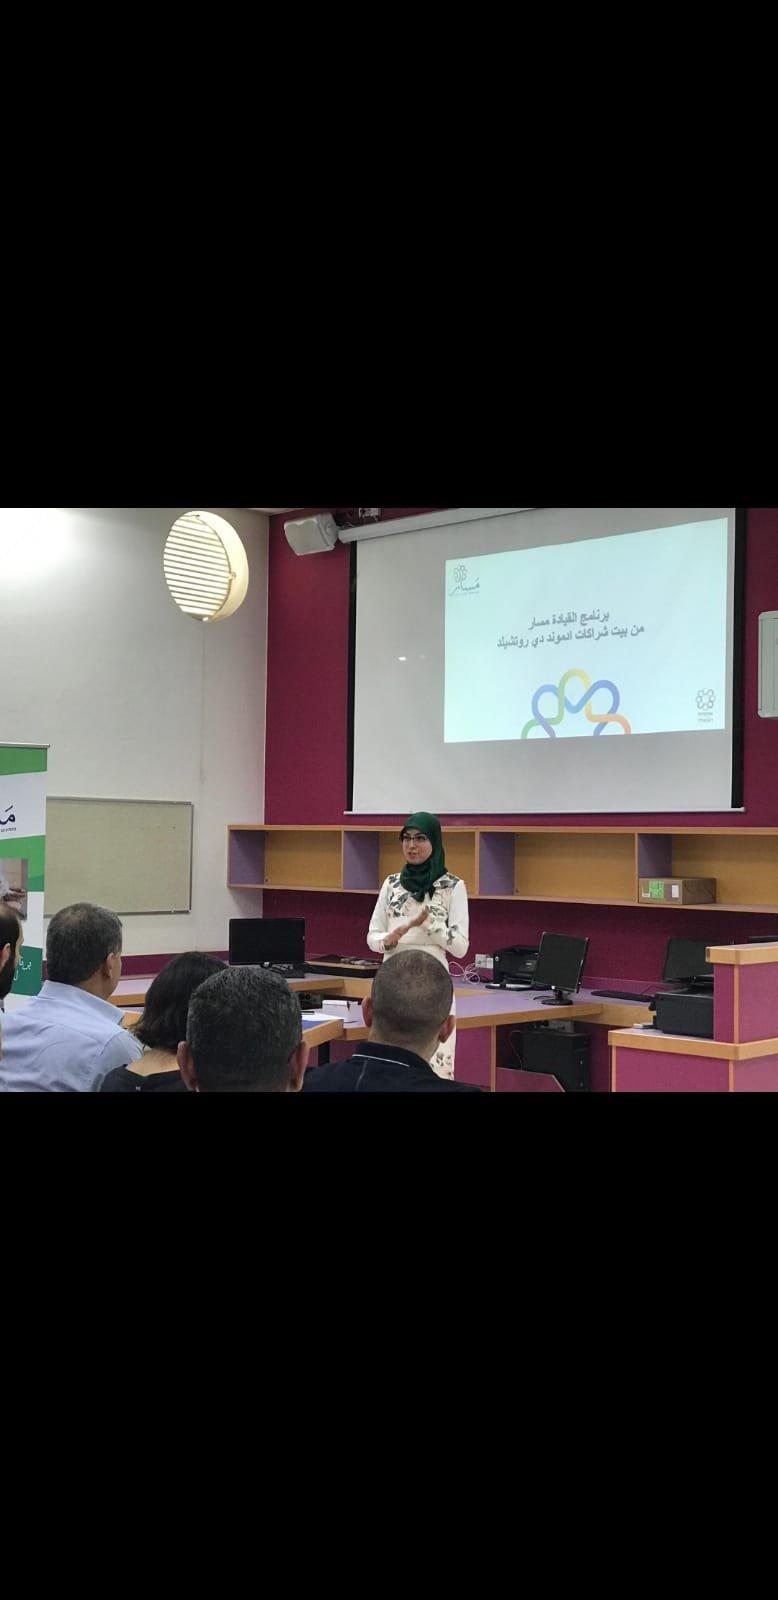 عرابة: افتتاح برنامج مسار- قيادة قبل التعليم العالي